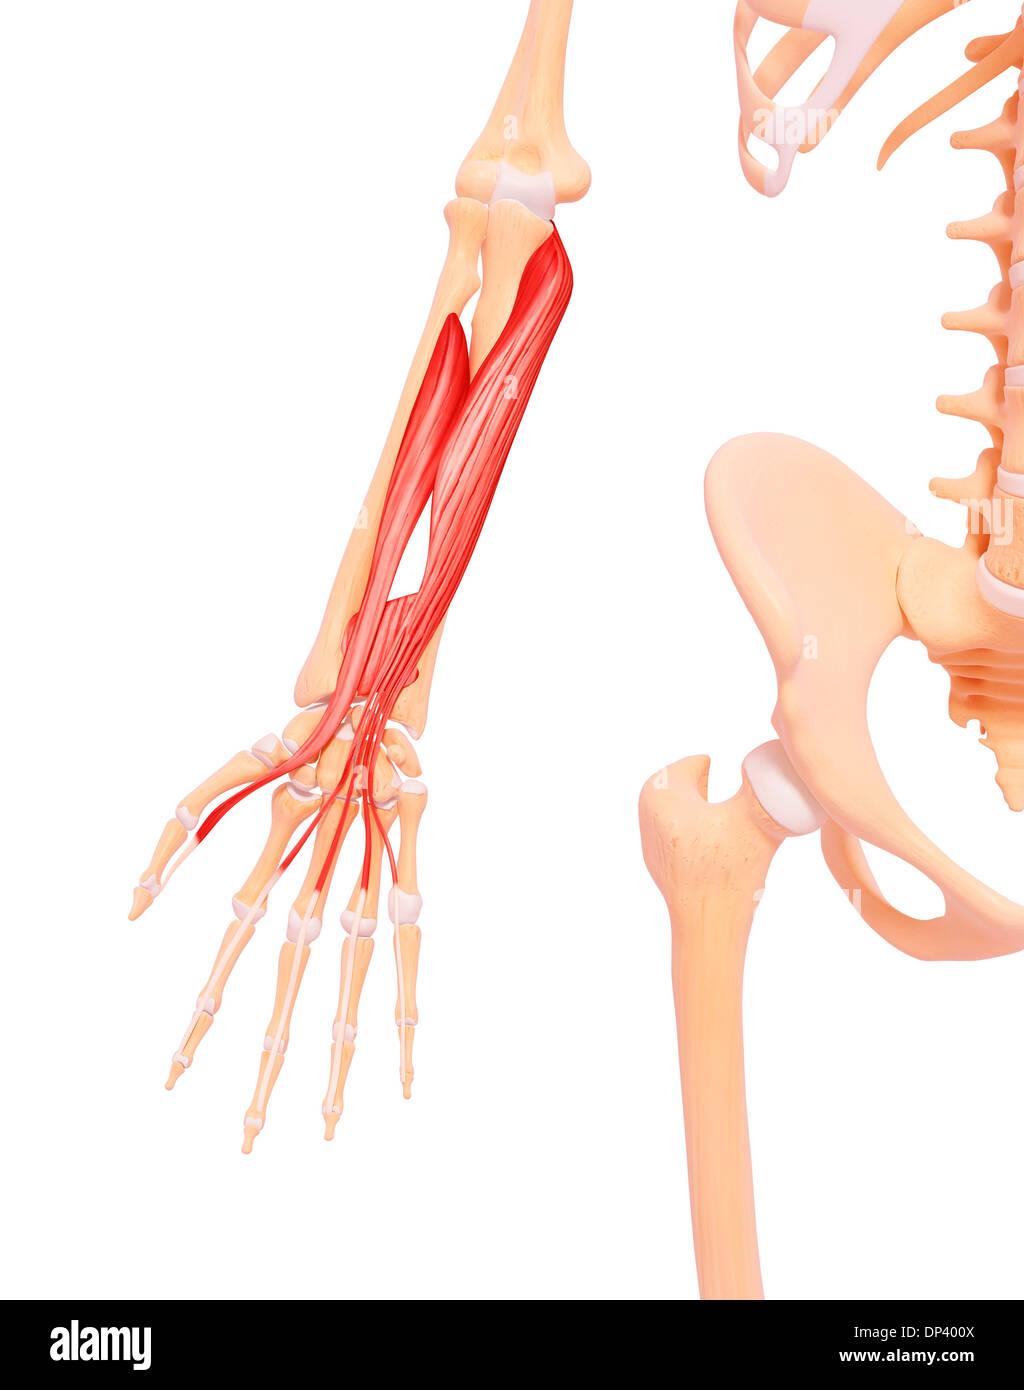 Menschlicher Arm Muskulatur, artwork Stockfoto, Bild: 65241370 - Alamy